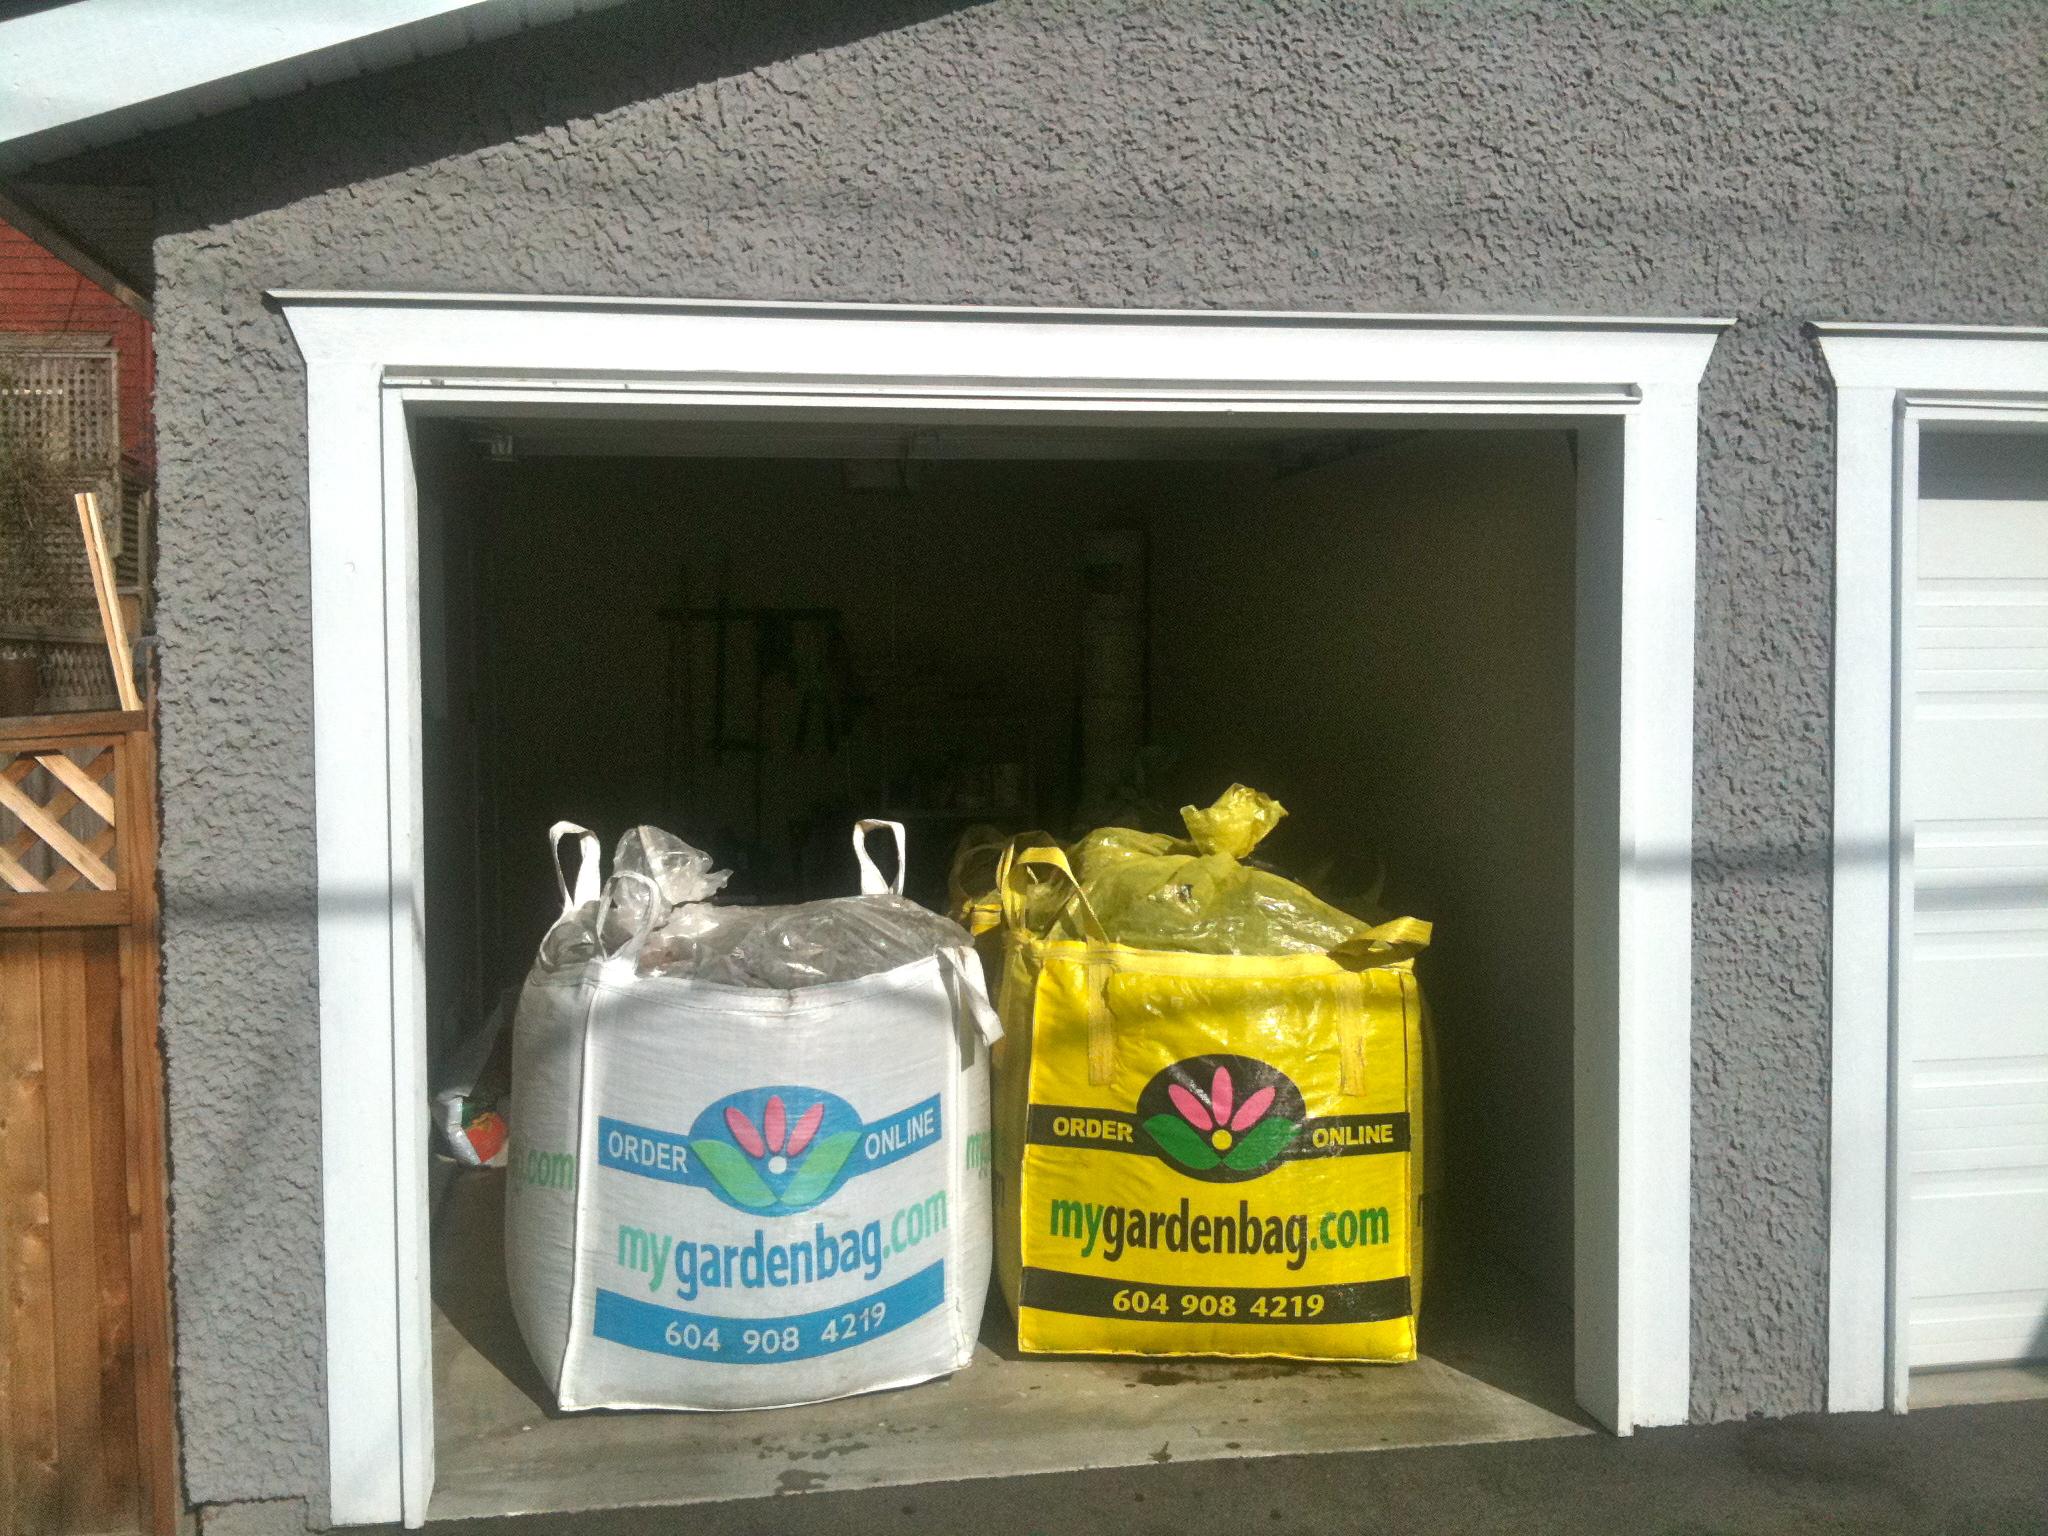 big white bag and big yellow bag full of premium soil